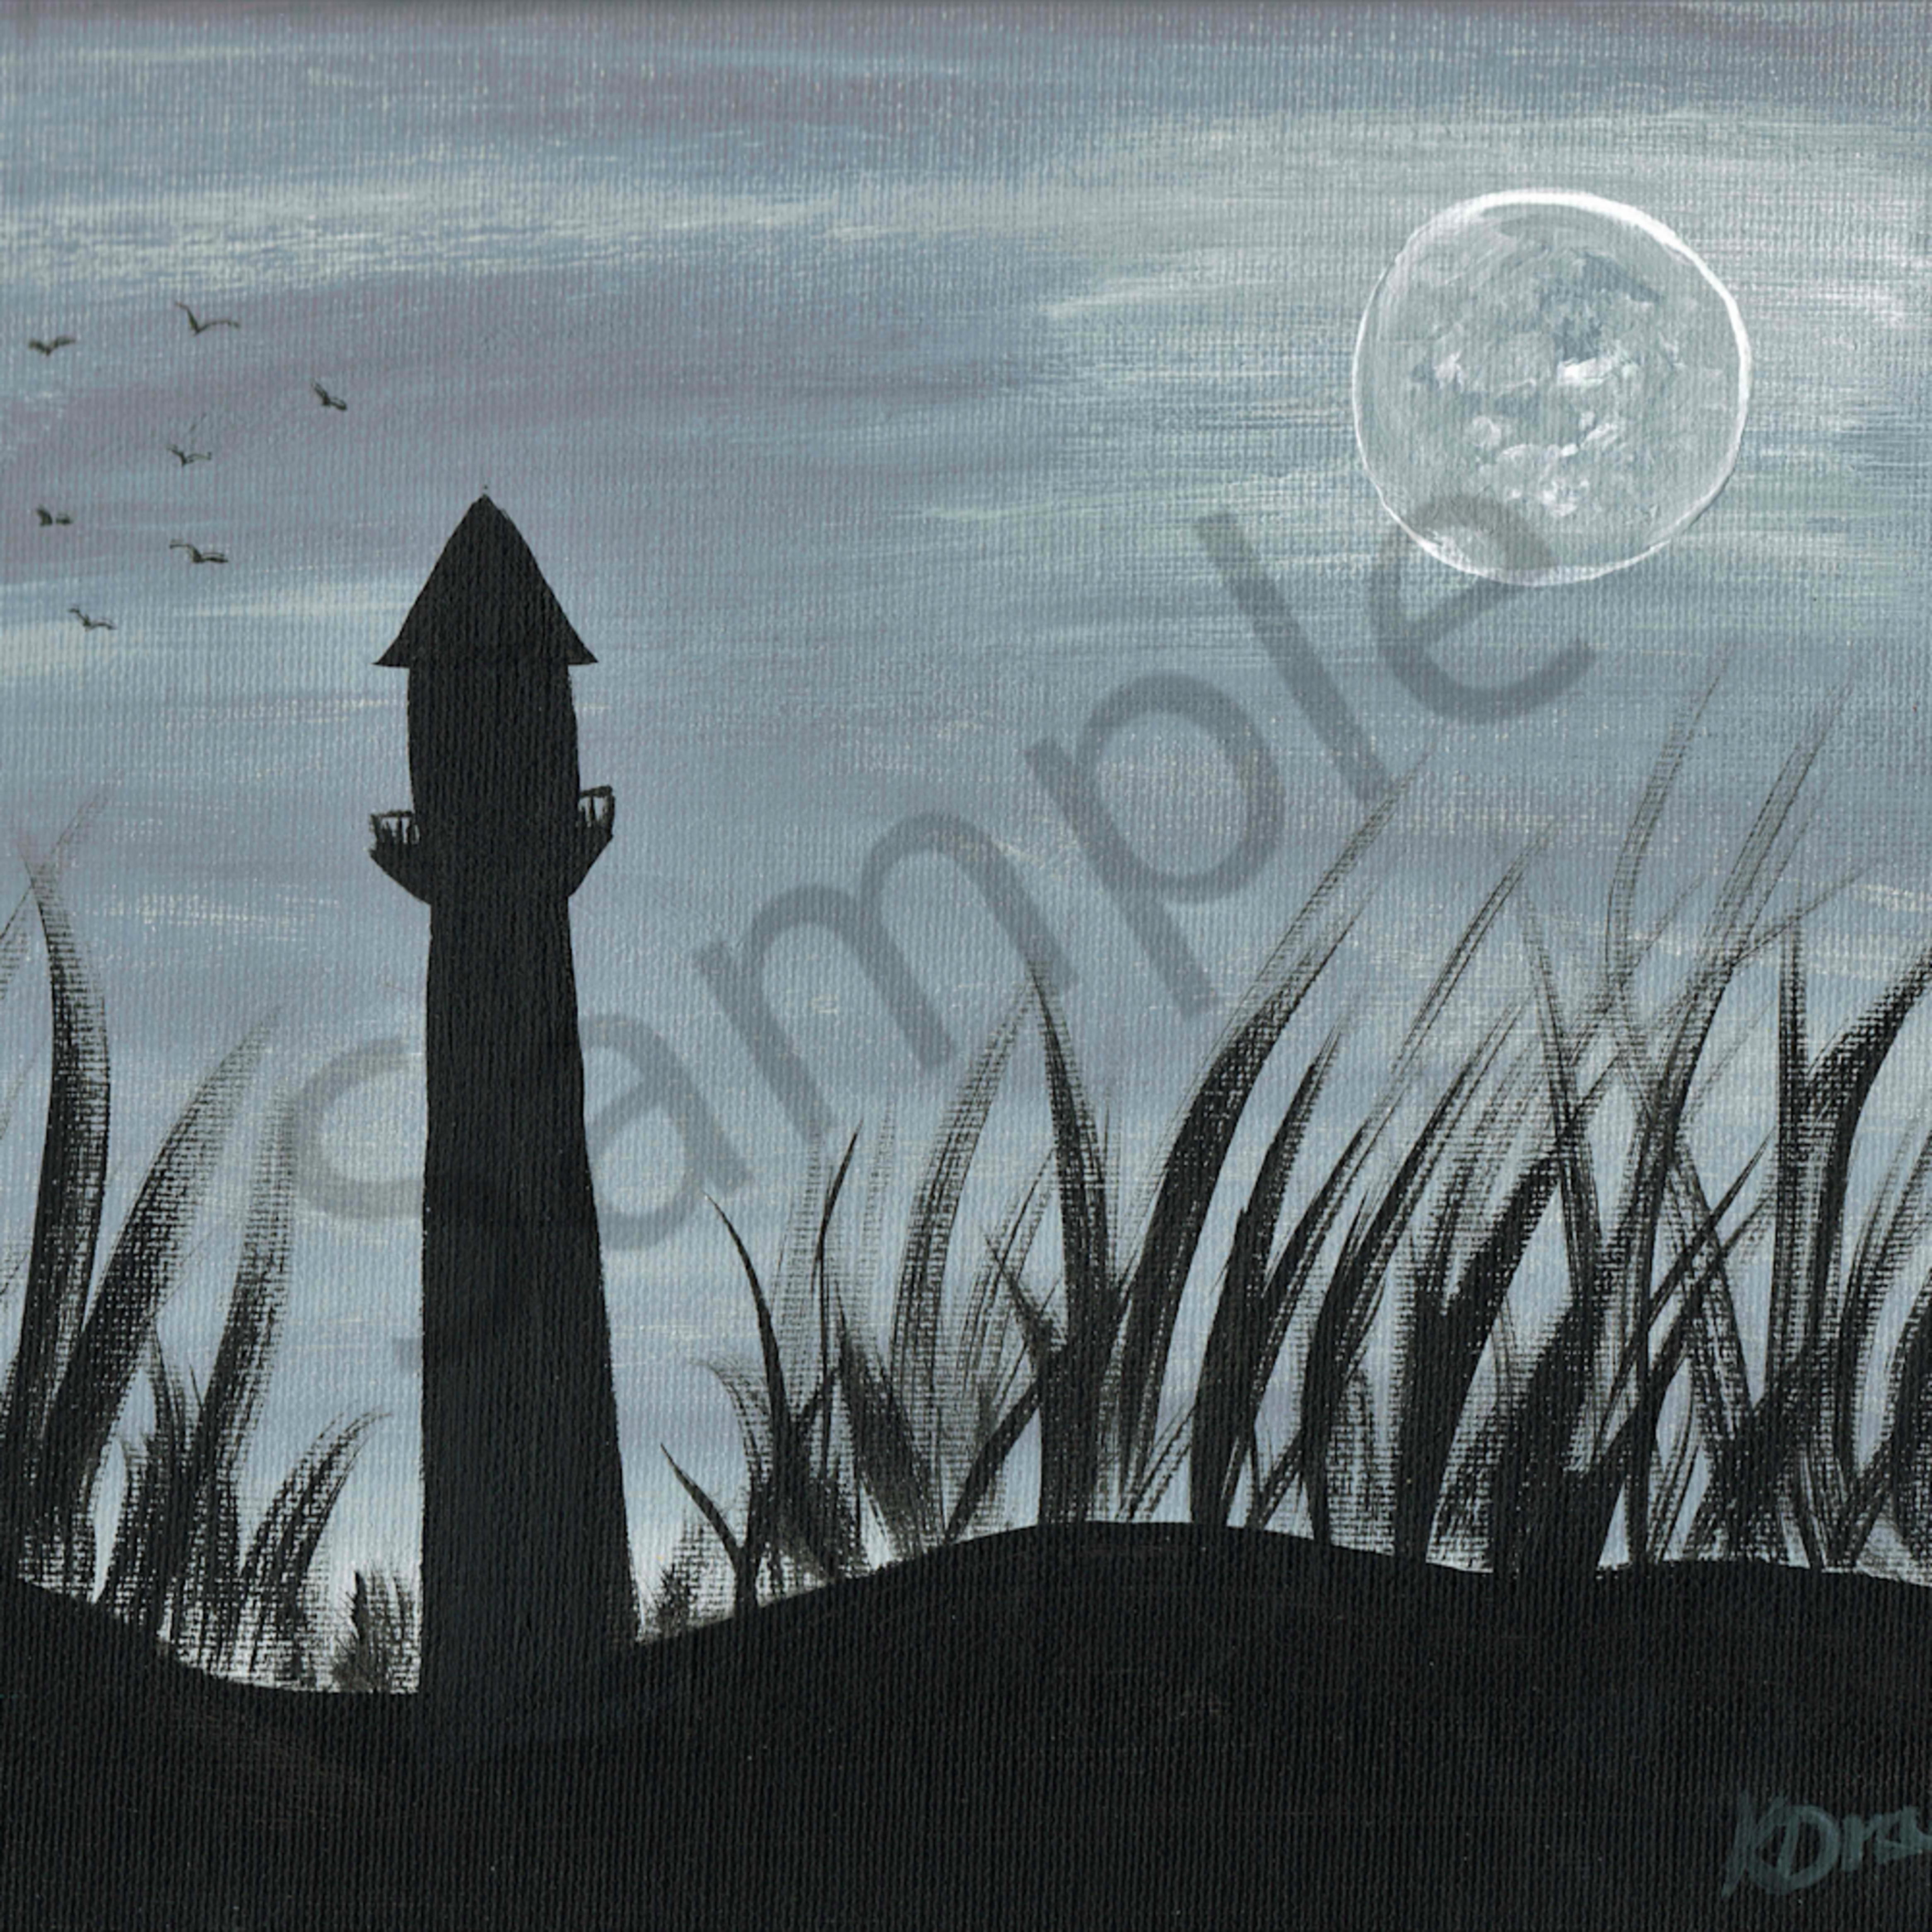 The lighthouse ljjtvq